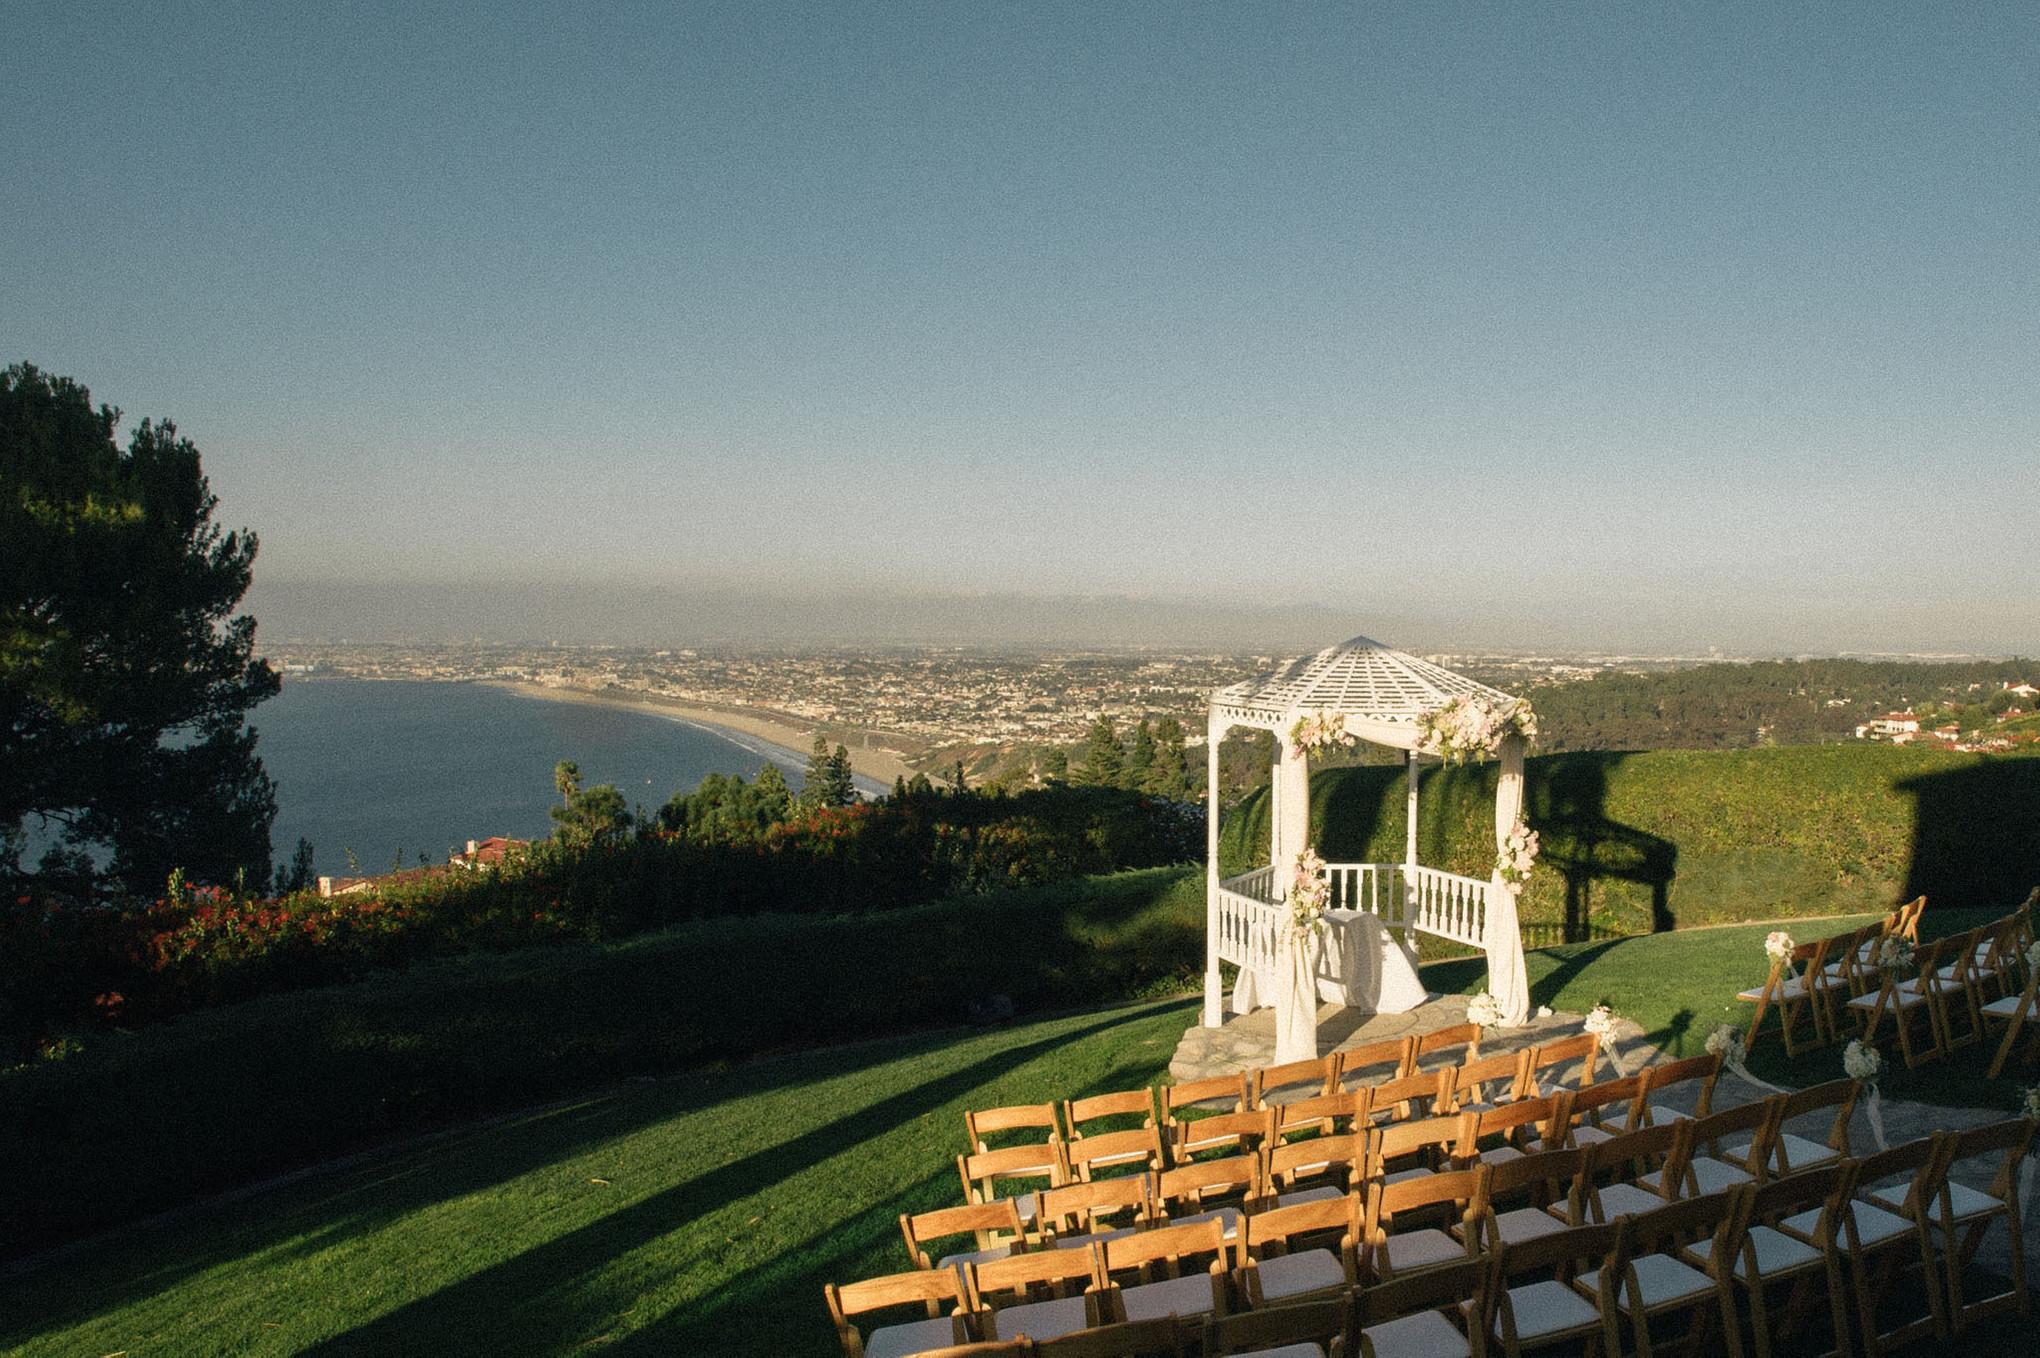 California Cliffside Wedding at La Venta Inn - Bridestory Blog